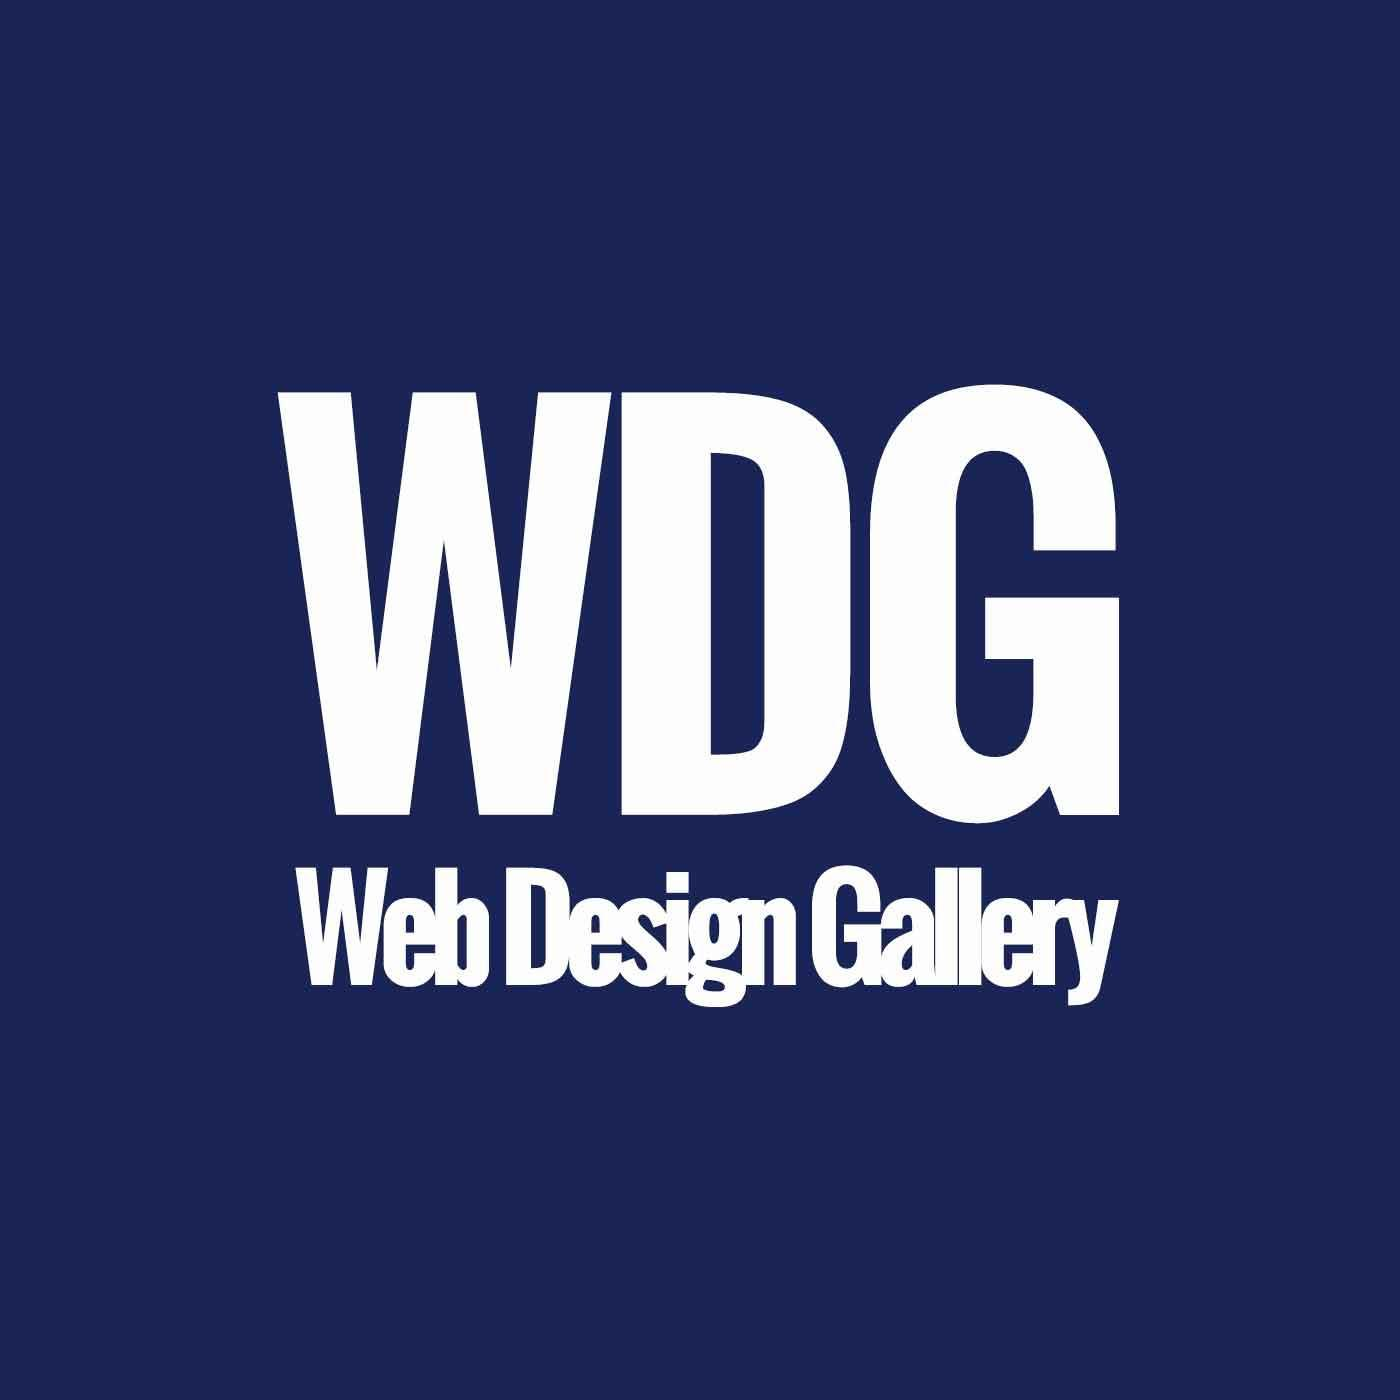 WDG (ウェブデザインギャラリー)